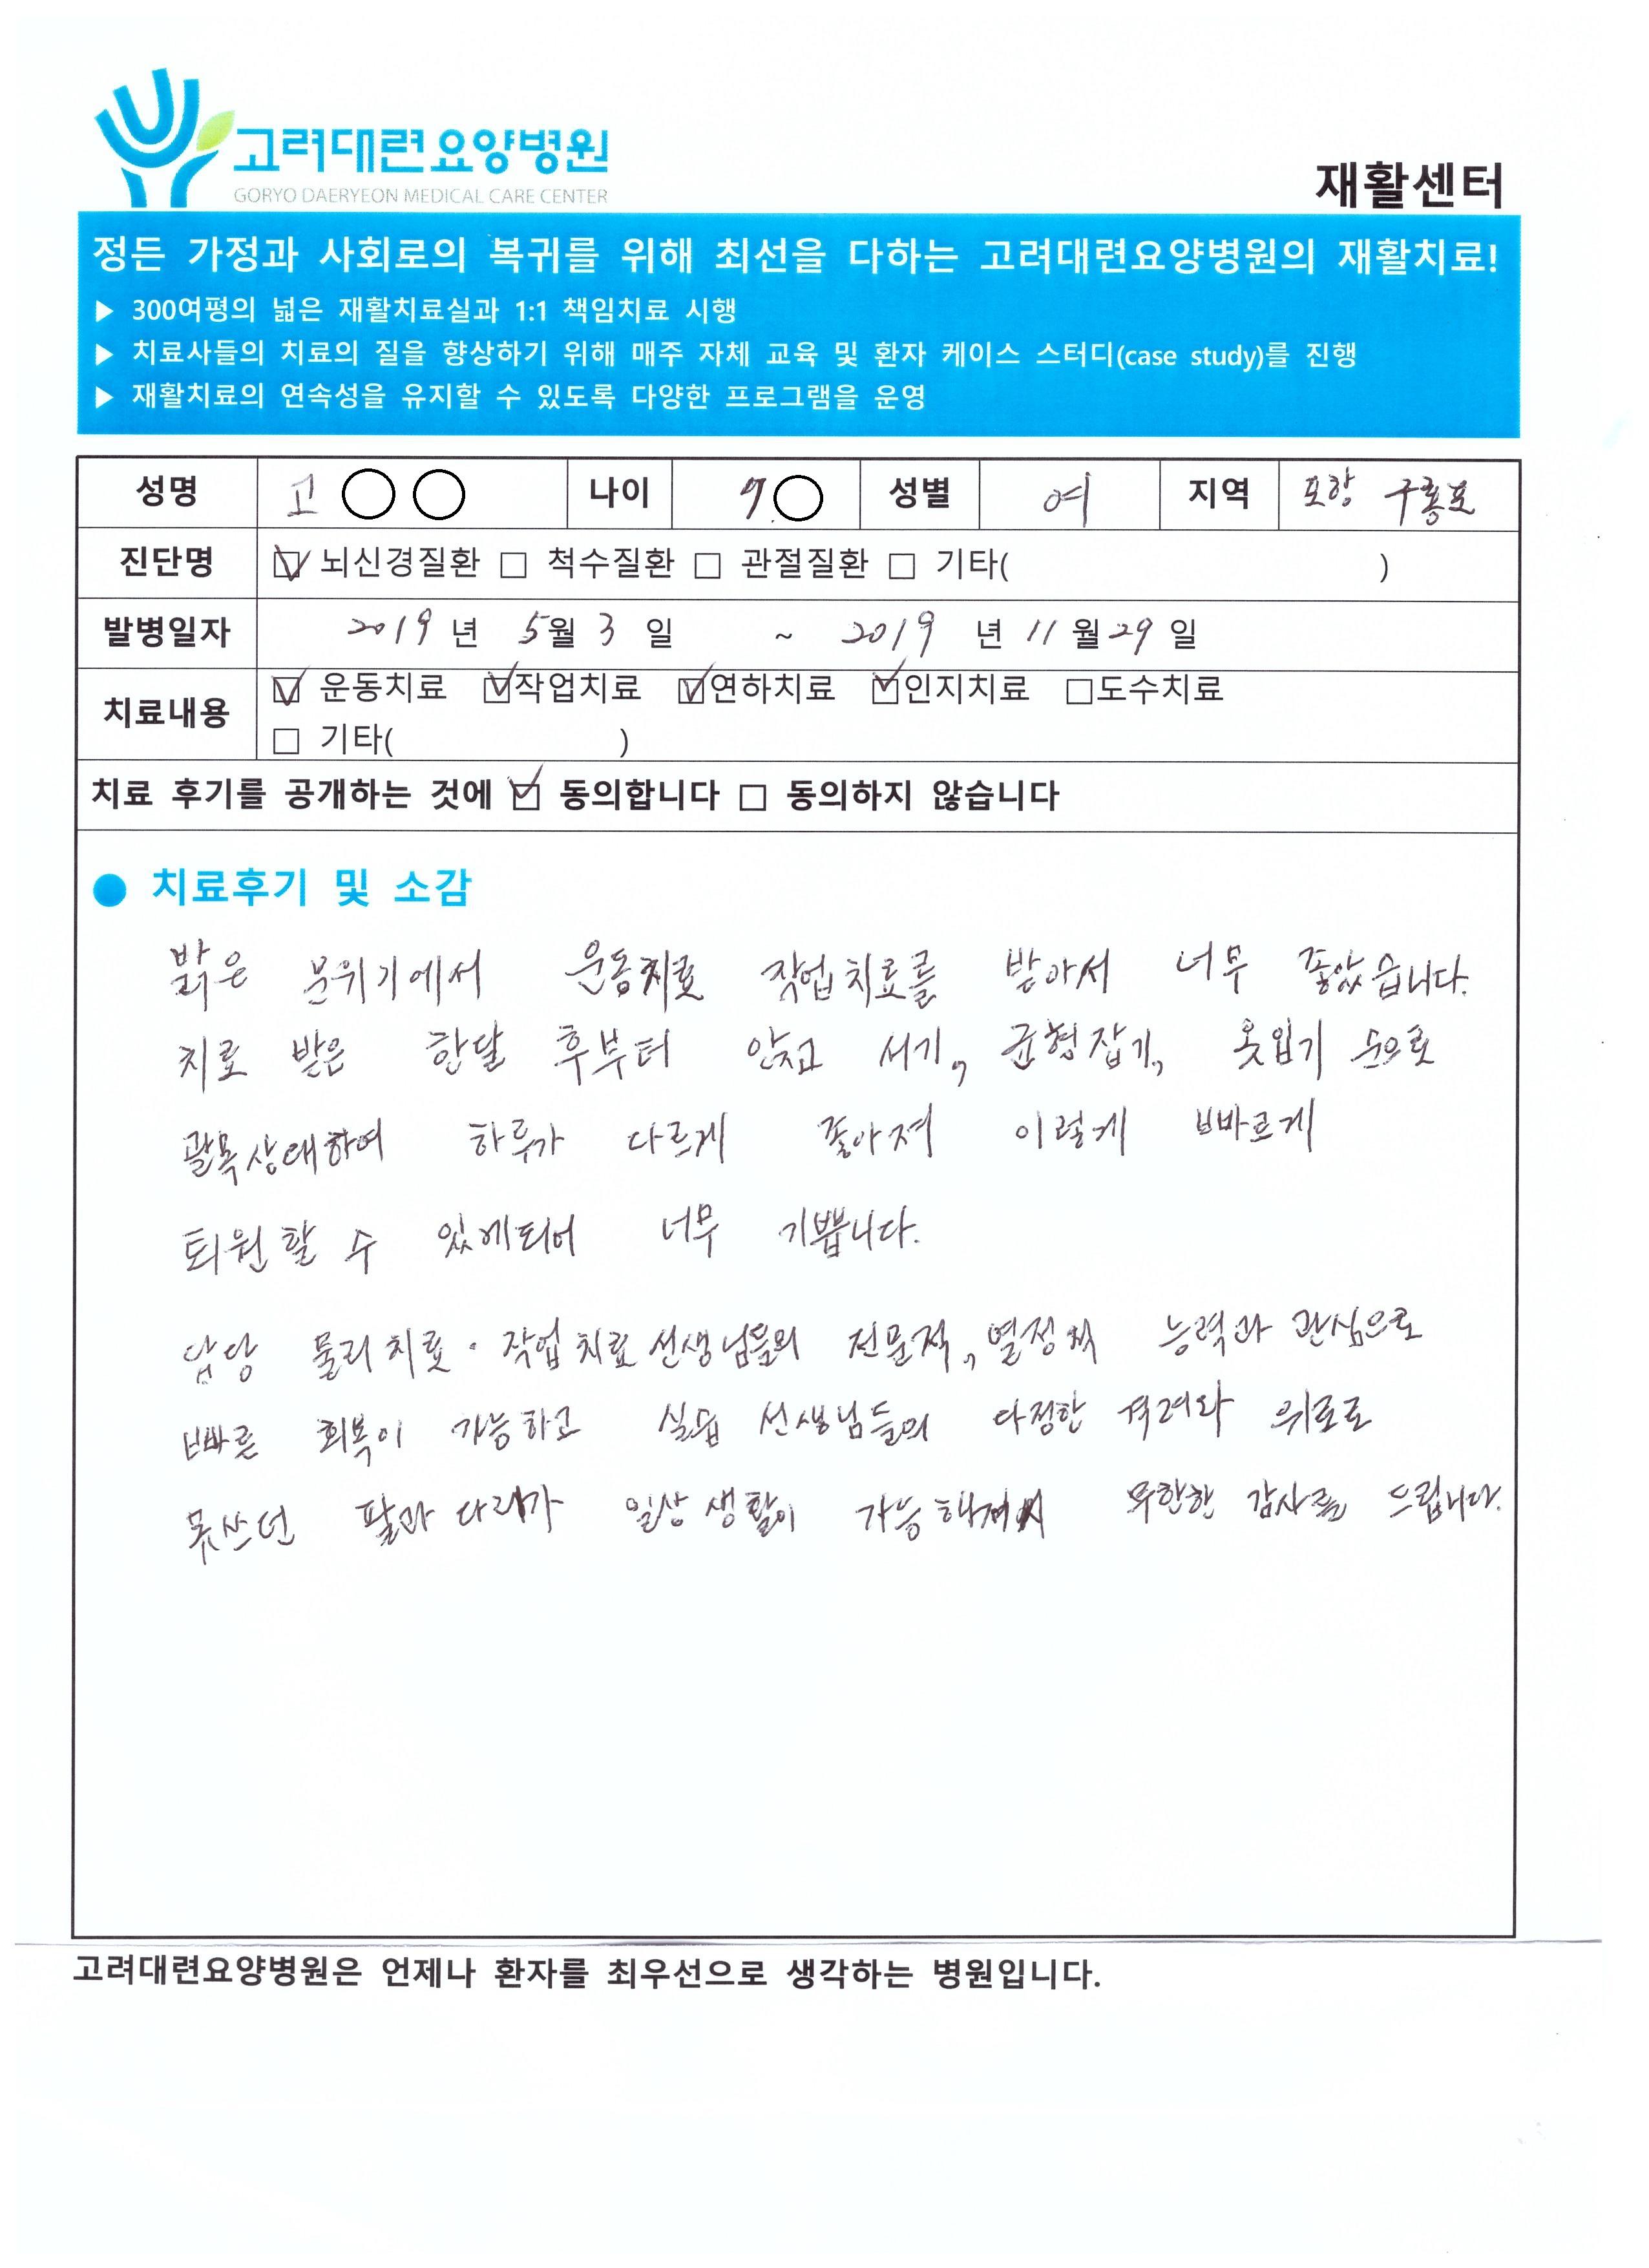 [재활센터] 고OO 치료후기